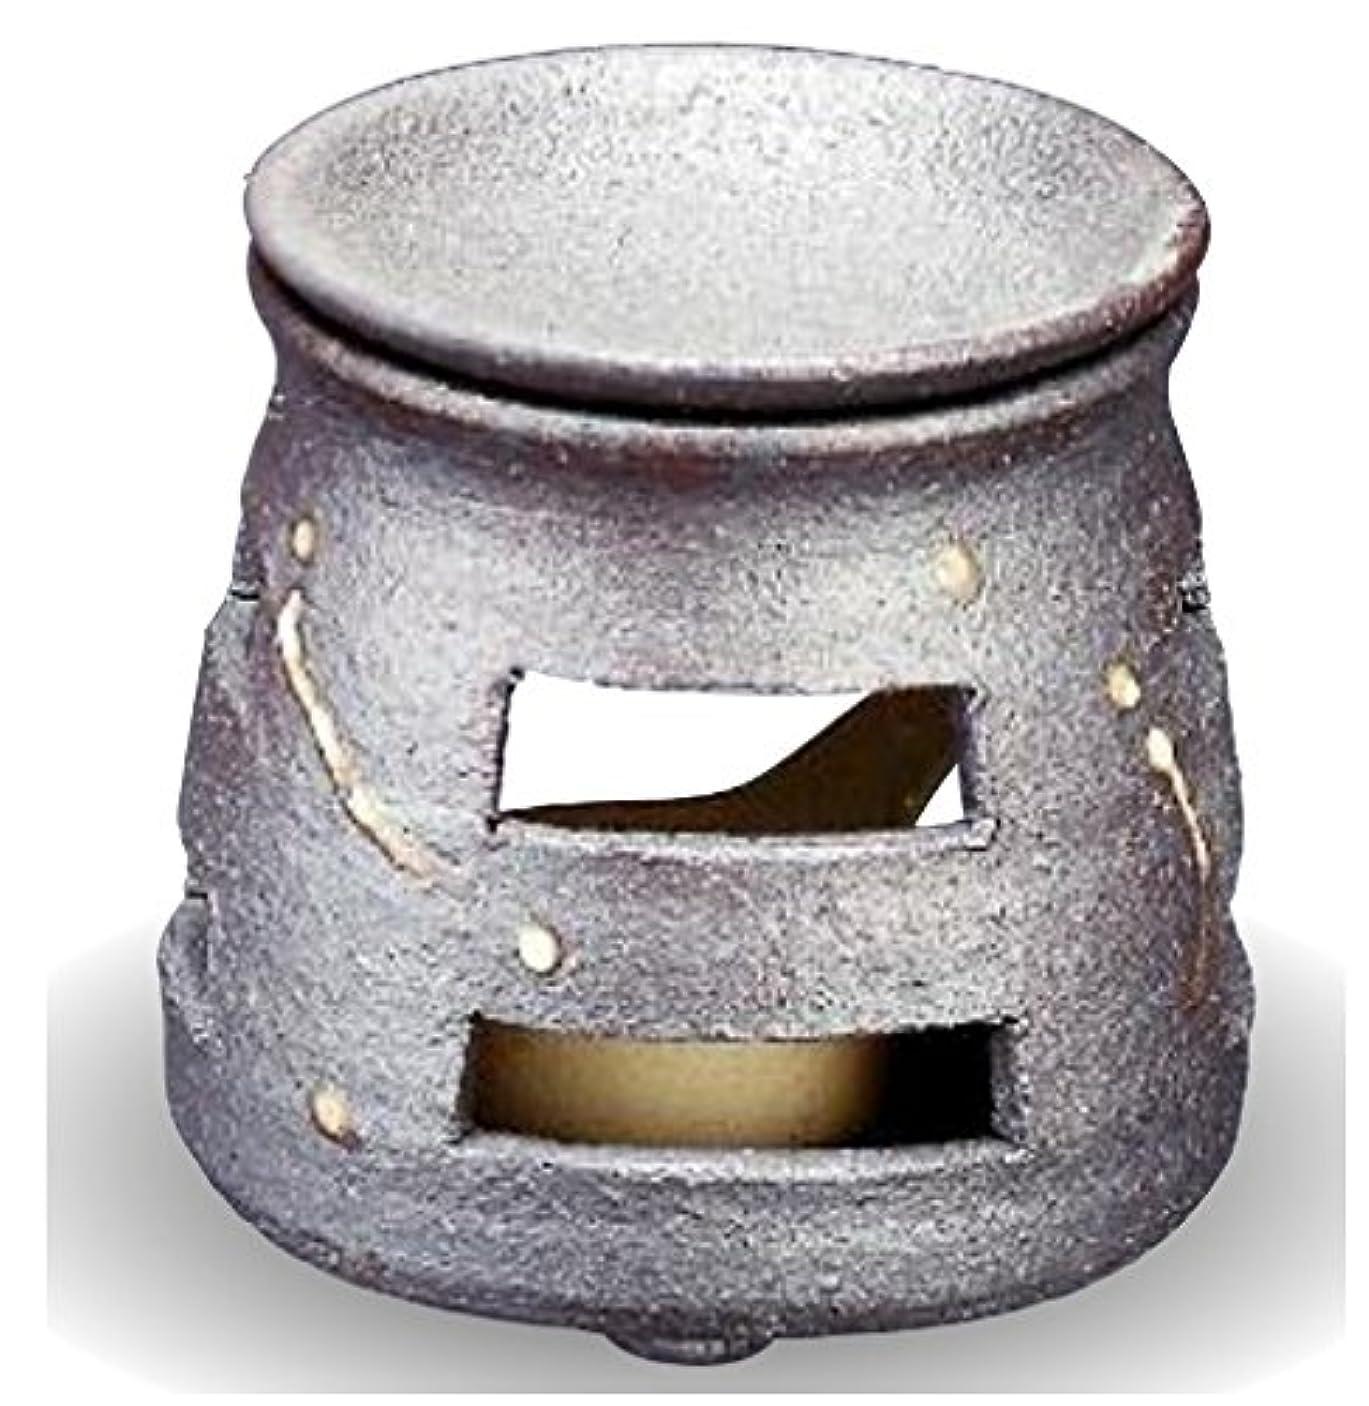 木一握り尽きる常滑焼 茶香炉(アロマポット)径9×高さ10cm